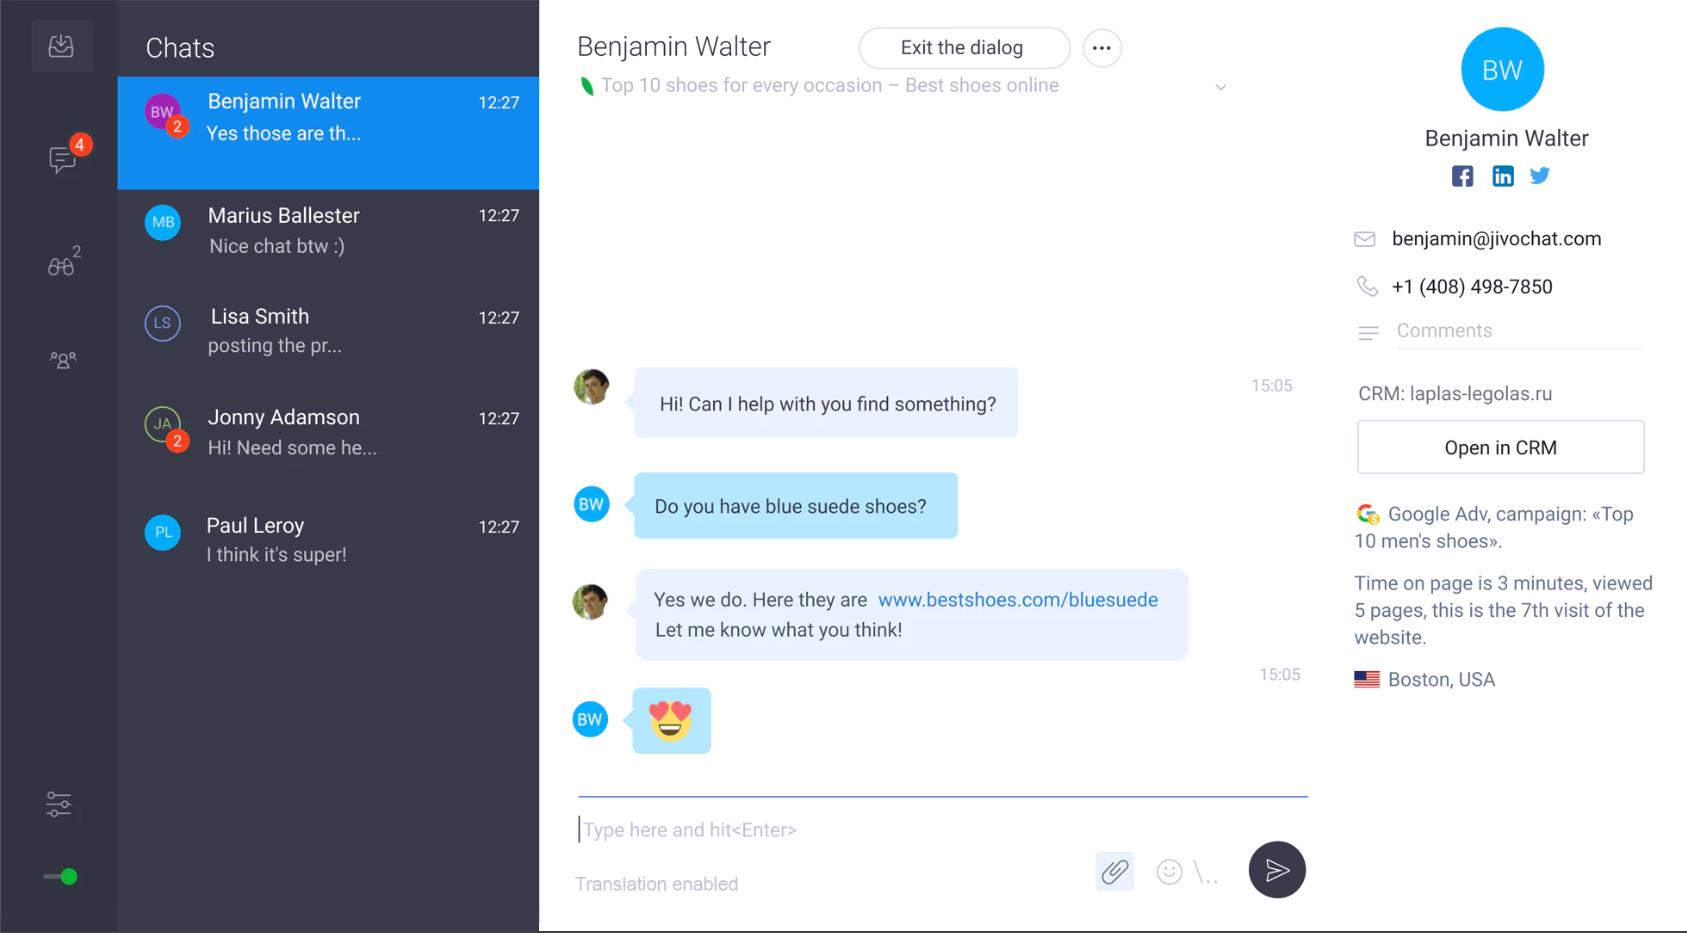 JivoChat Software - JivoChat chats